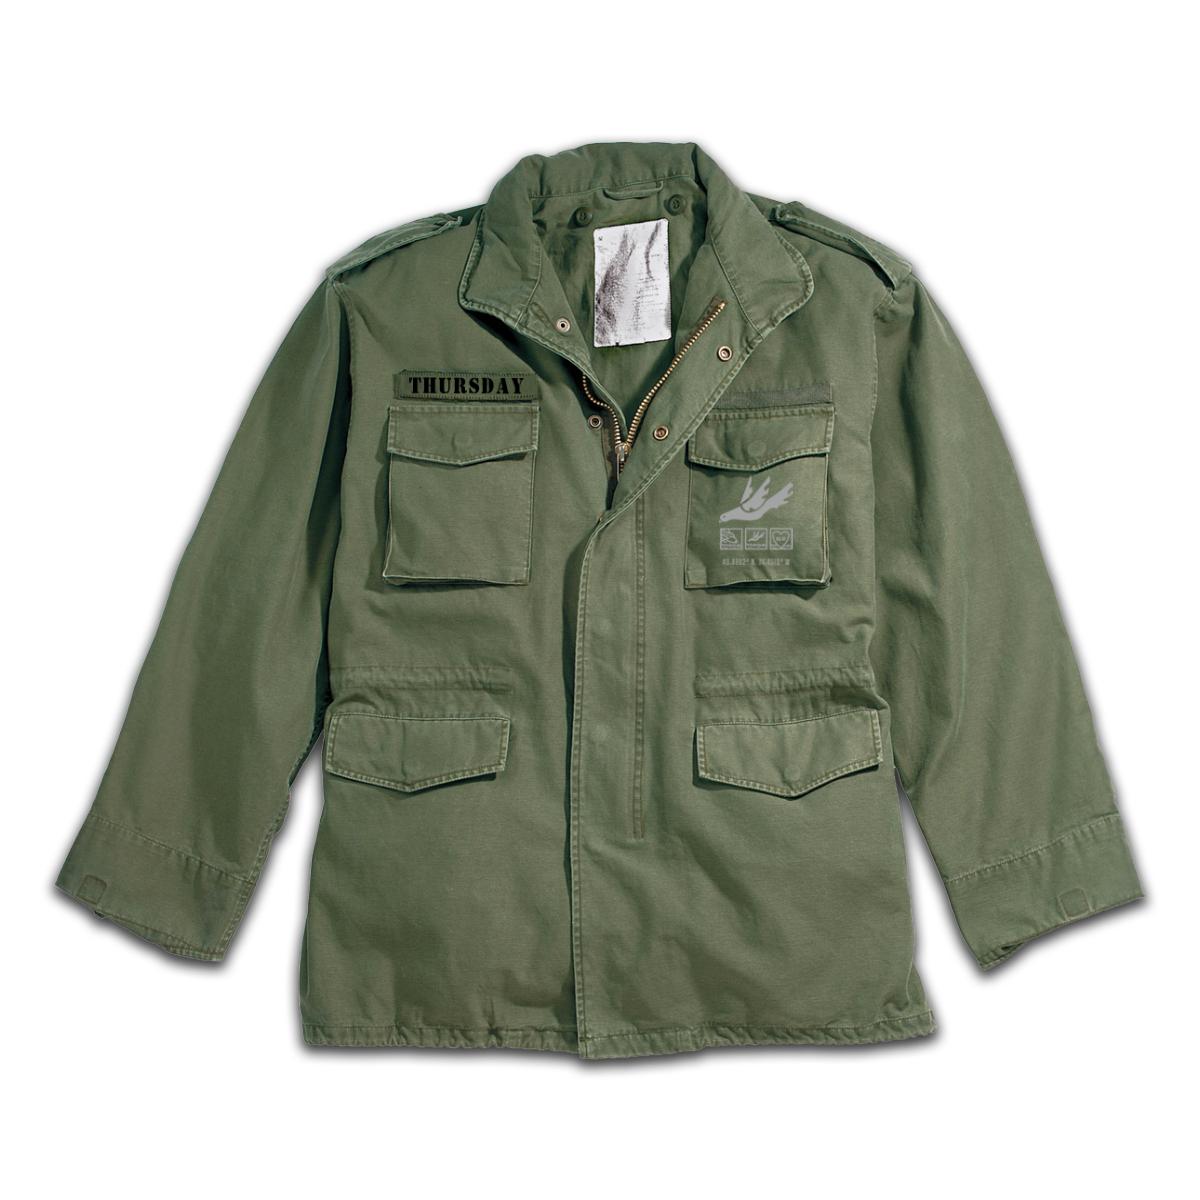 Thursday Military Jacket